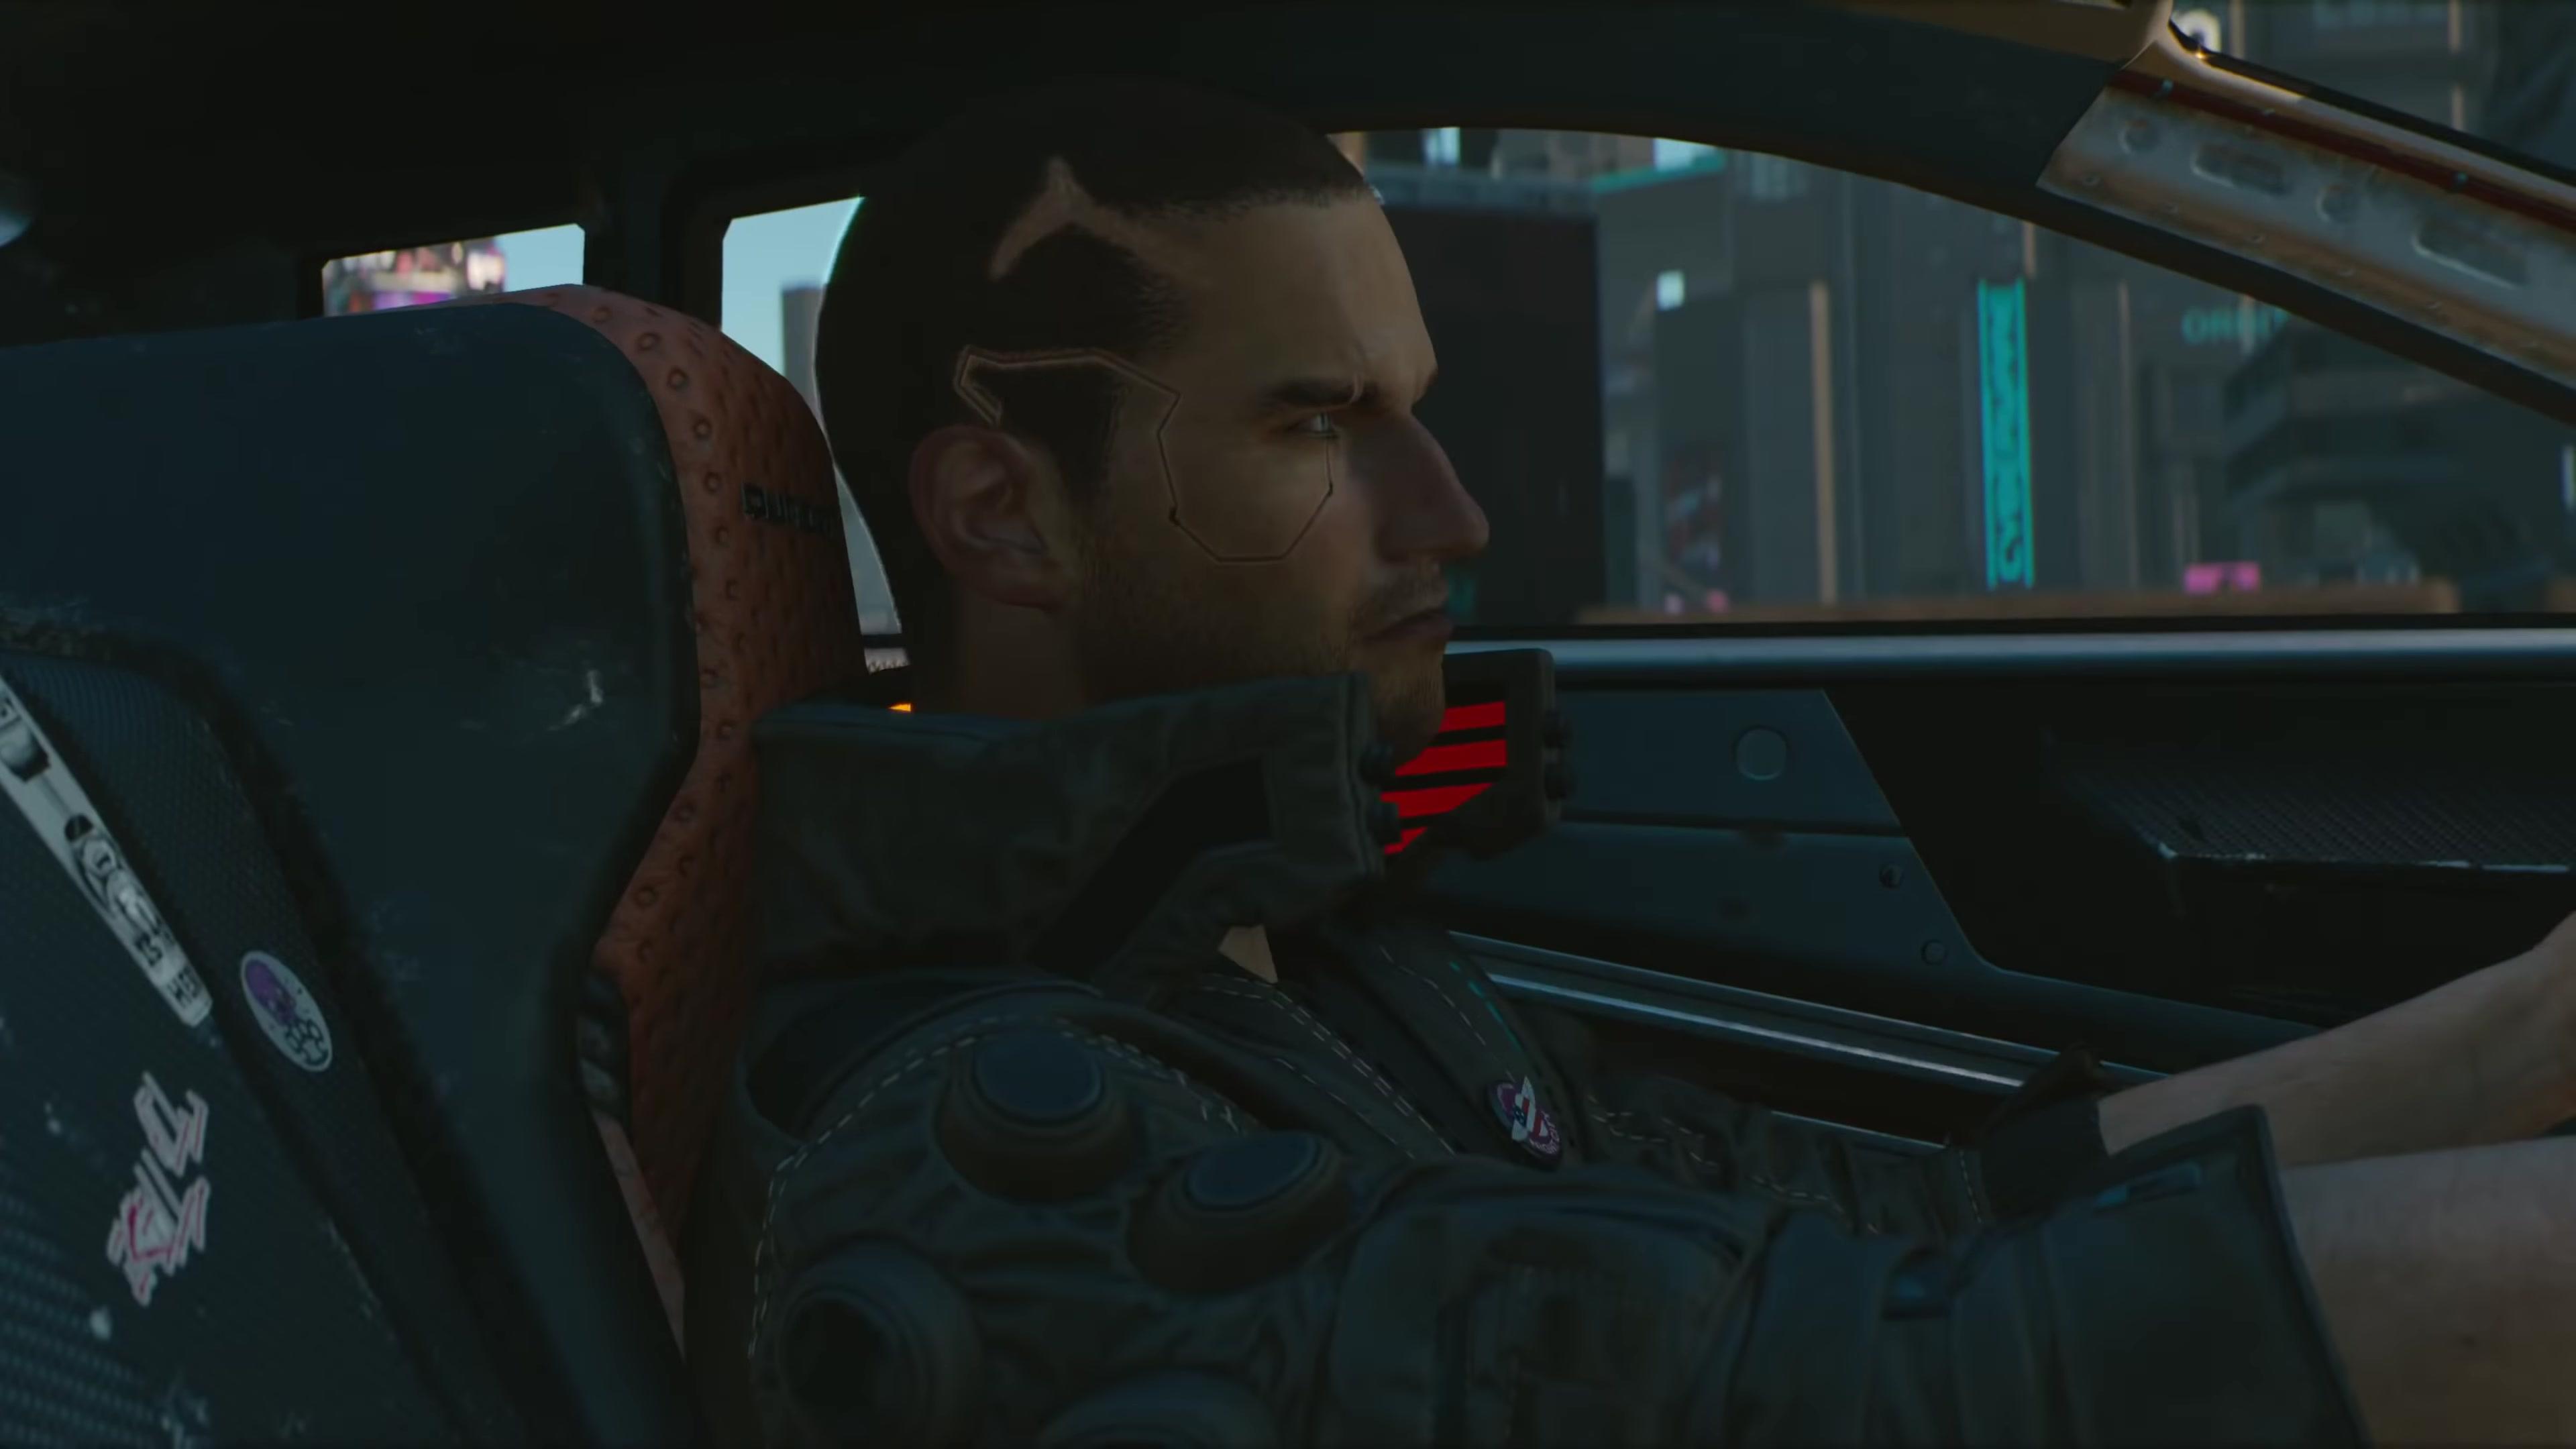 Cyberpunk 2077 091.jpg - Cyberpunk 2077